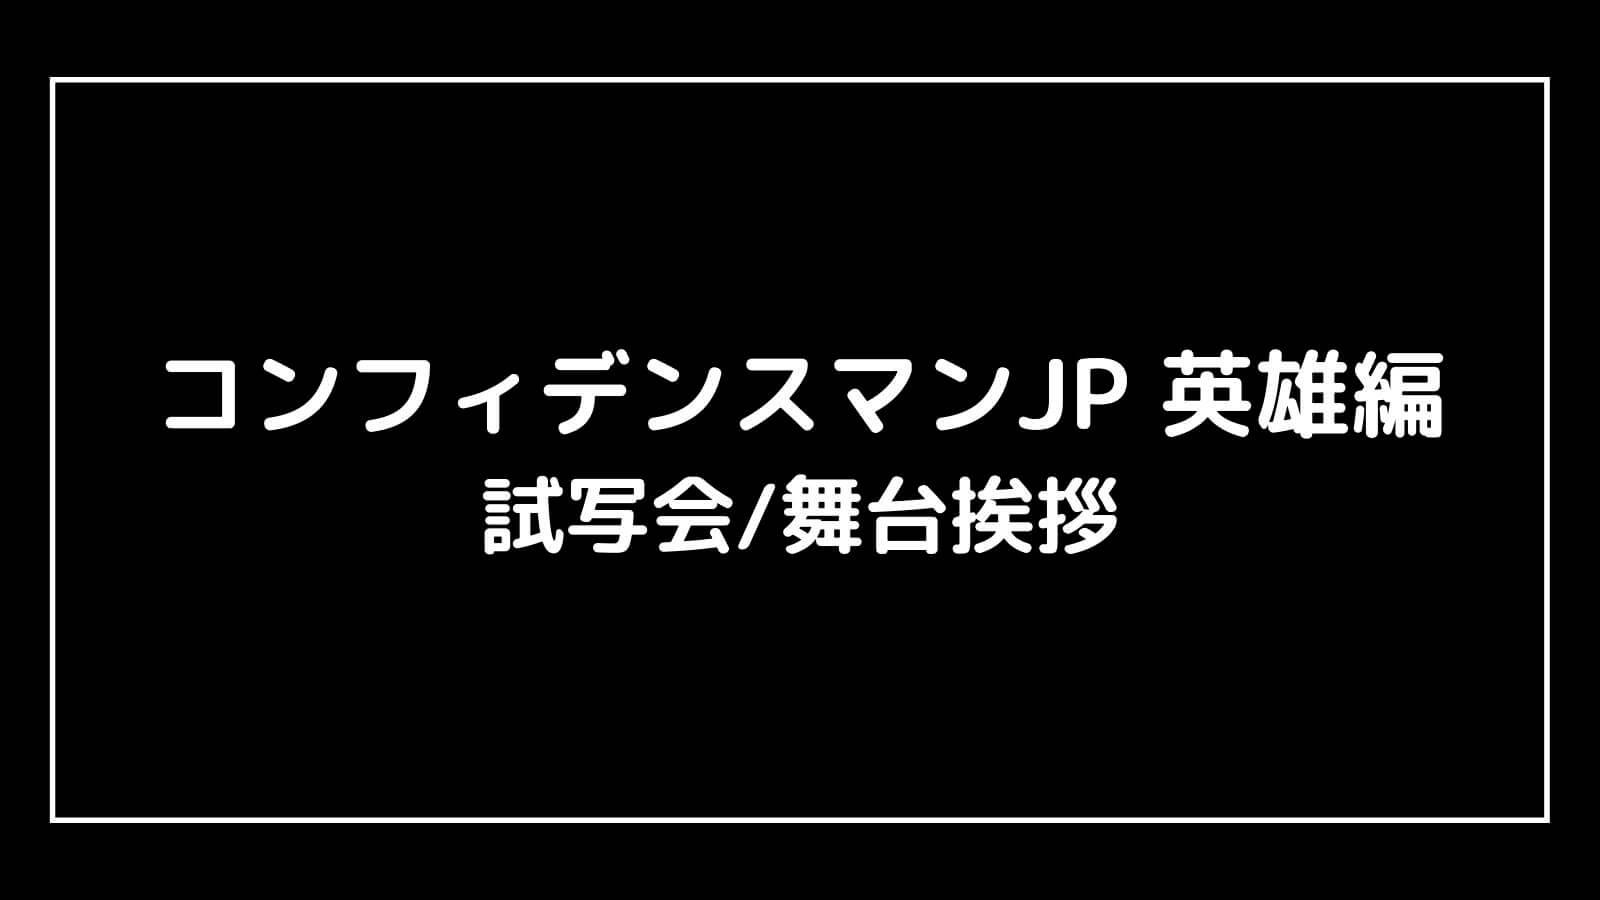 映画『コンフィデンスマンJP 英雄編』の試写会と舞台挨拶ライブビューイング情報